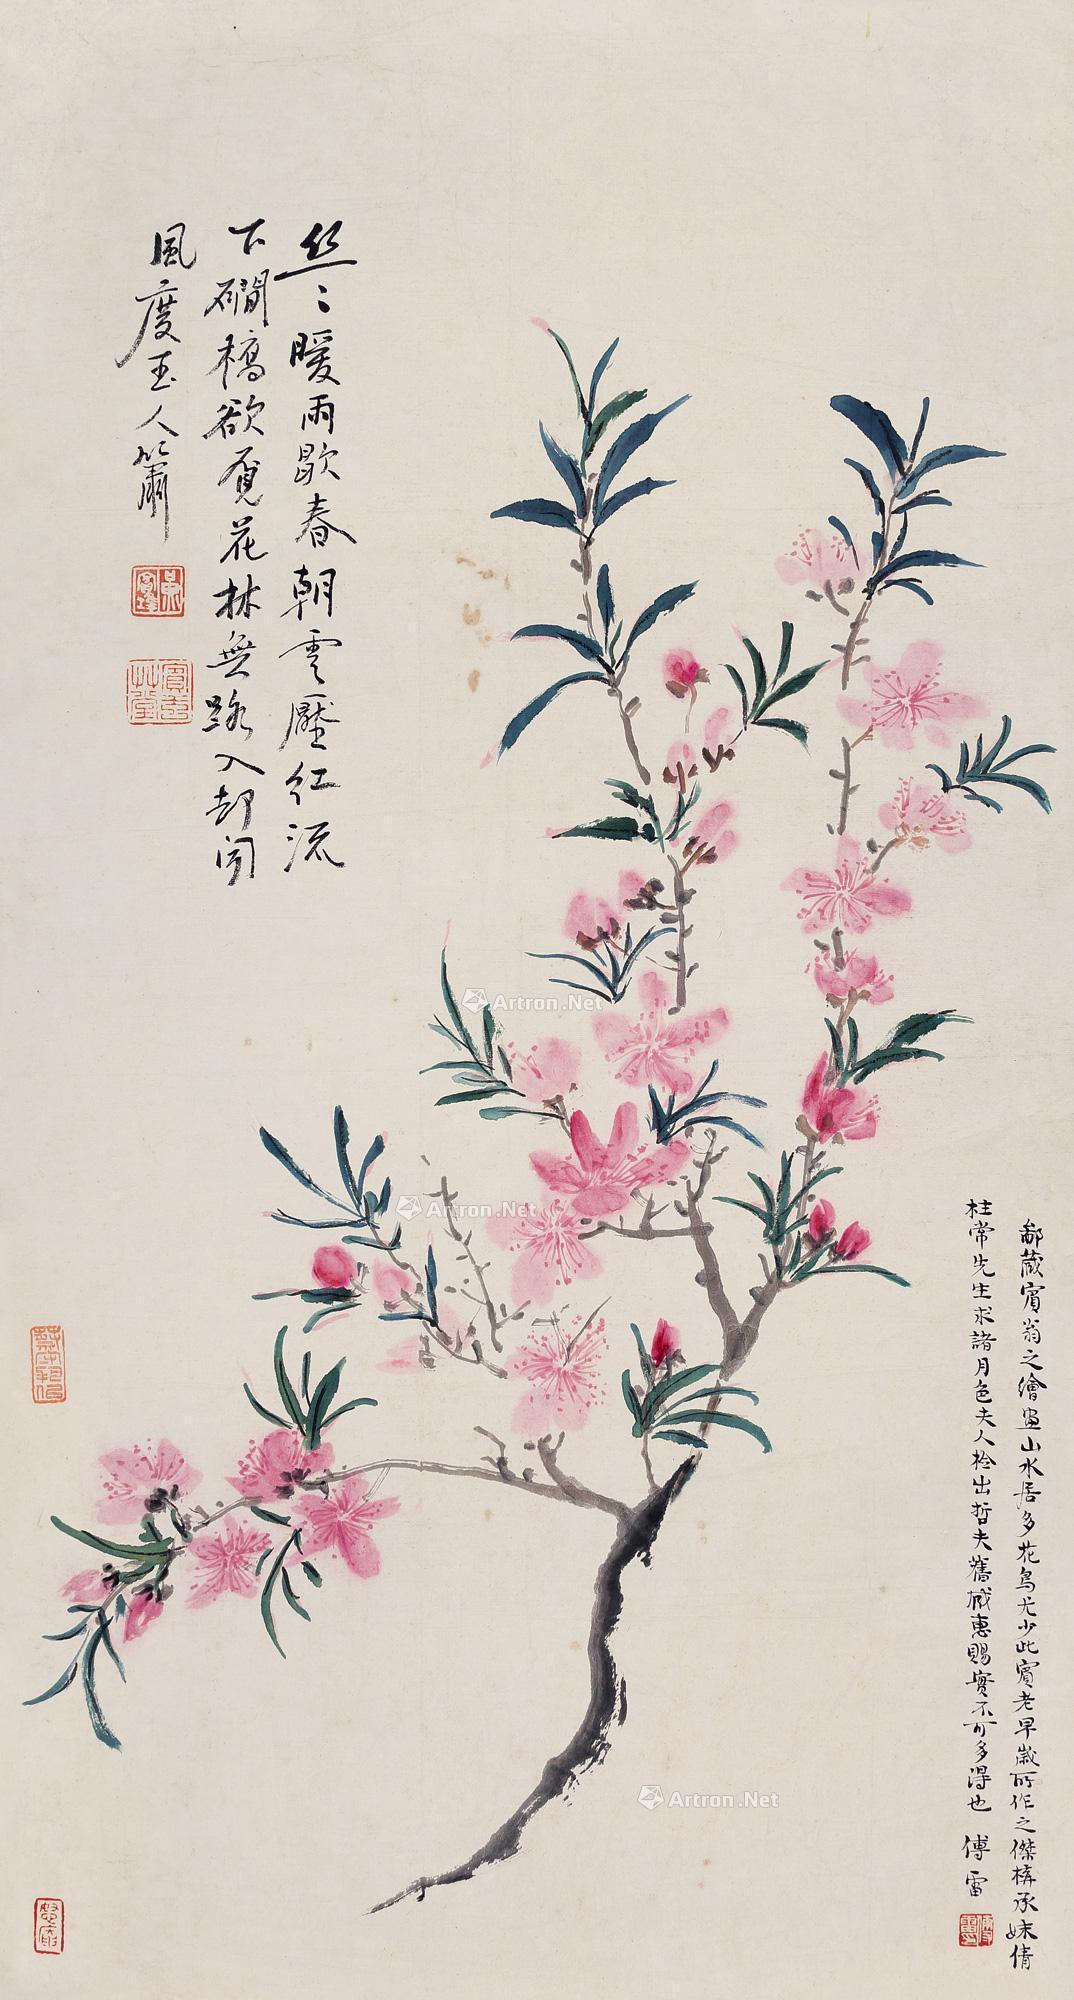 海棠花 镜片 设色纸本